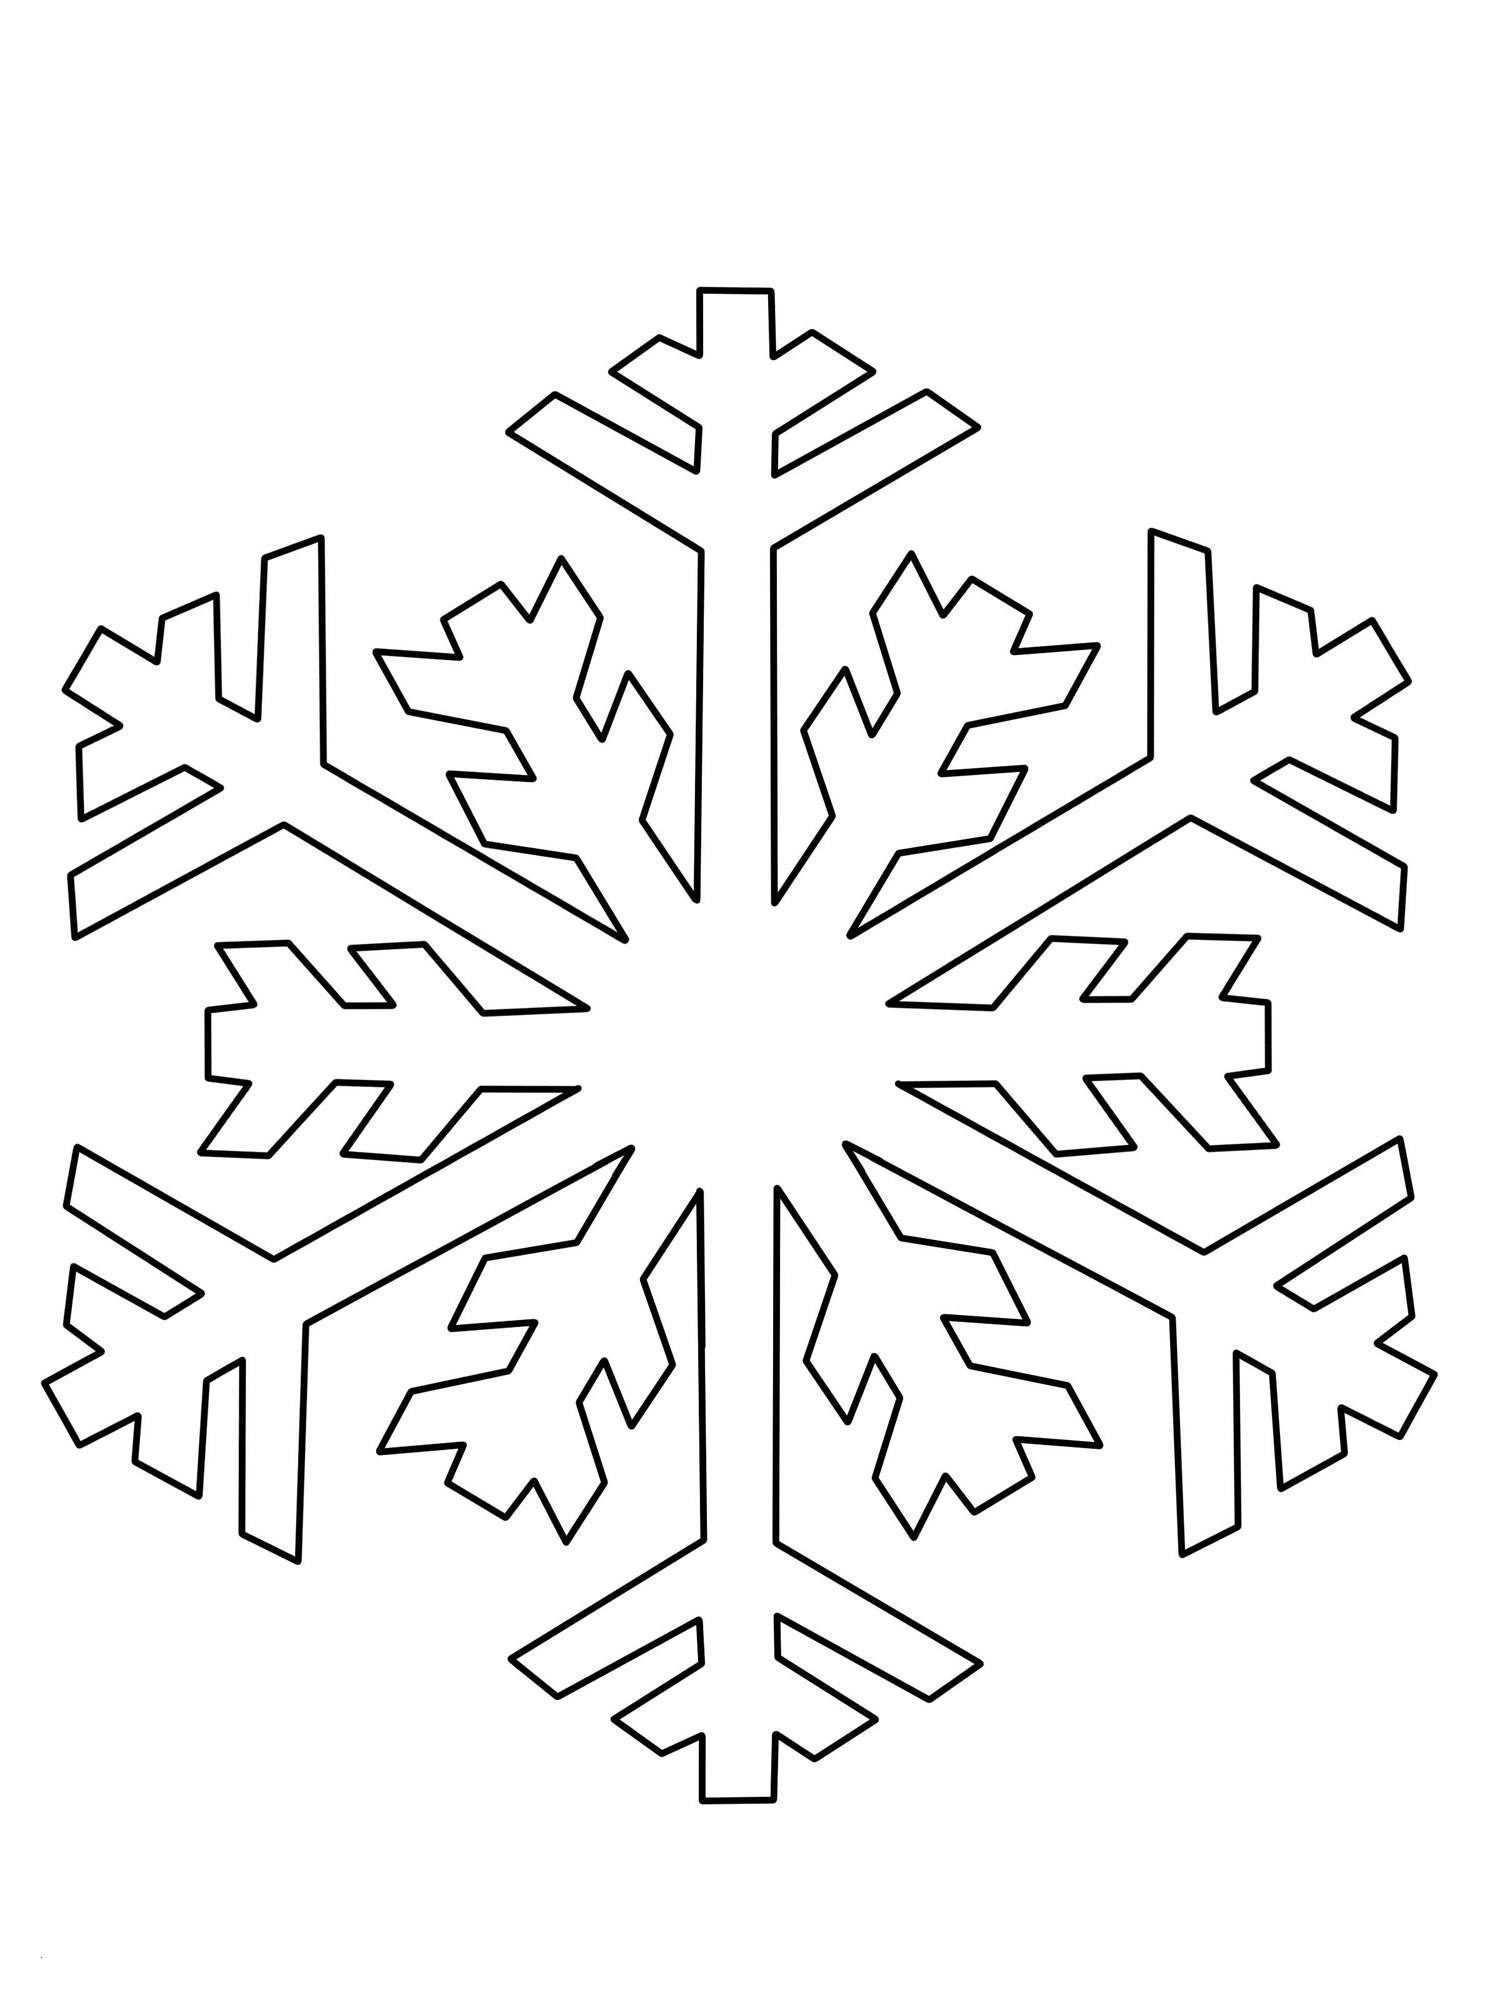 Kostenlos Bild Ausschneiden Schneeflocke Schablone Schablonen Zum Ausdrucken Ausmalbilder Weihnachten